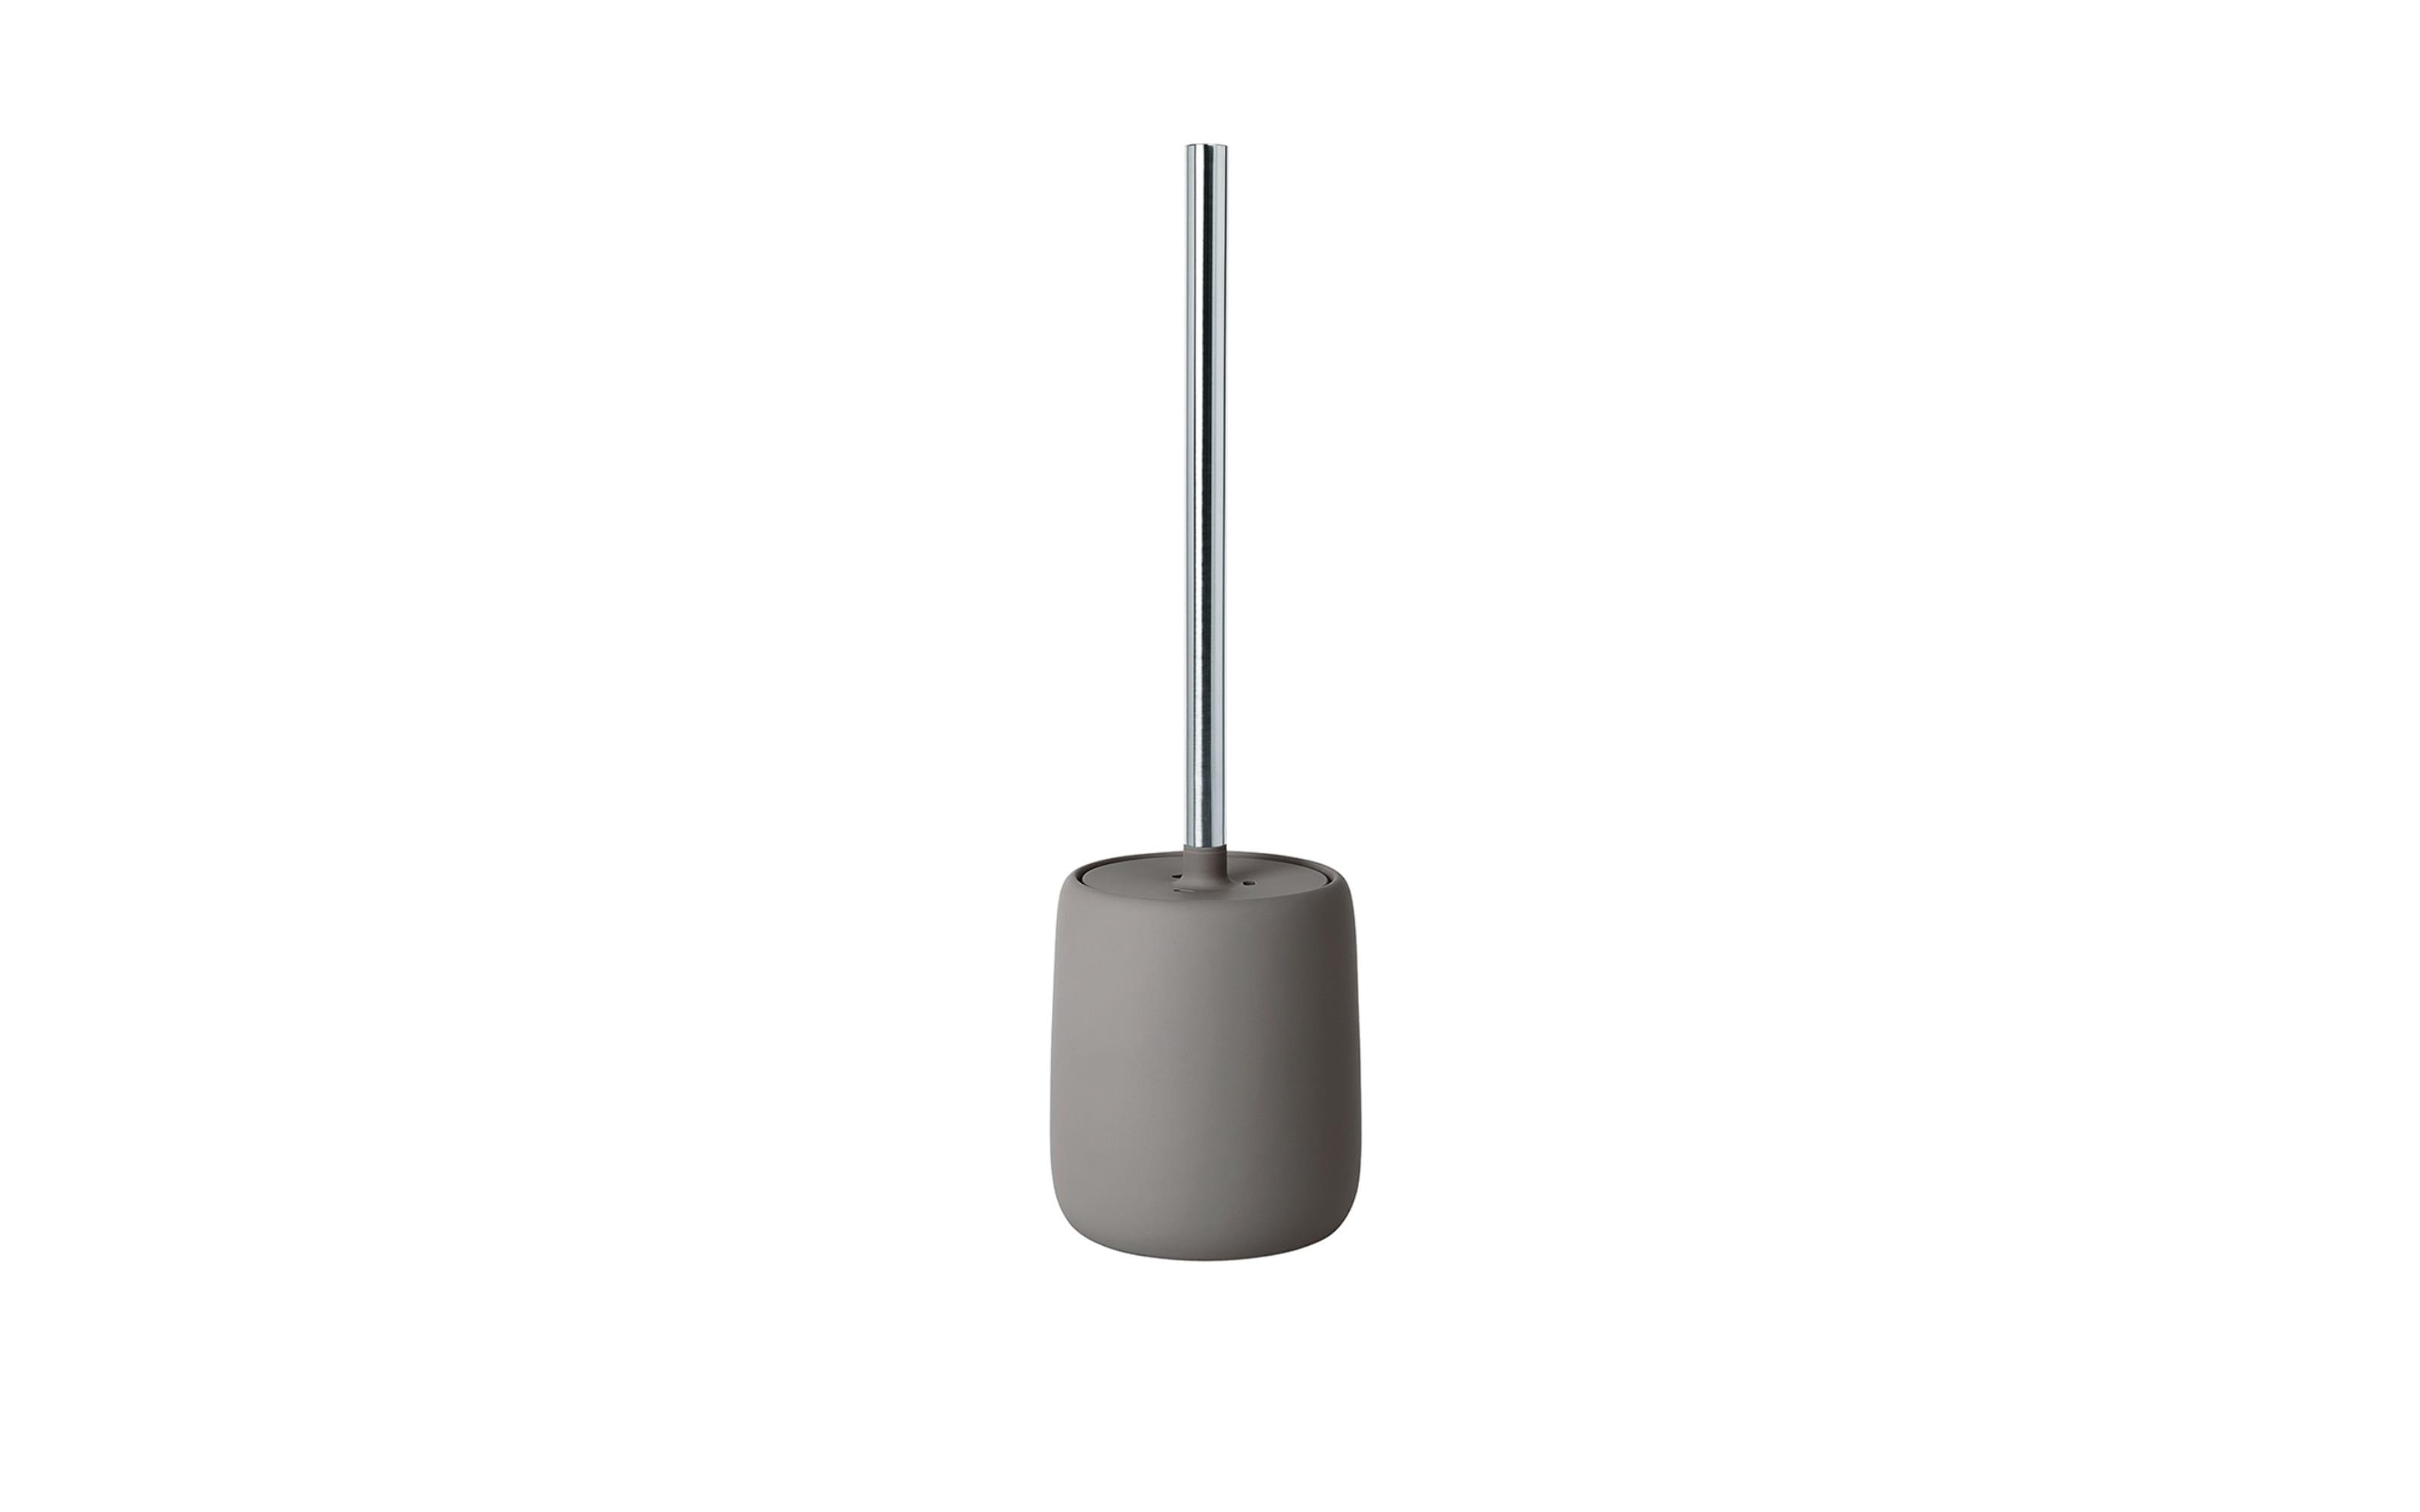 WC-Bürste Sono in satellite, 11 cm